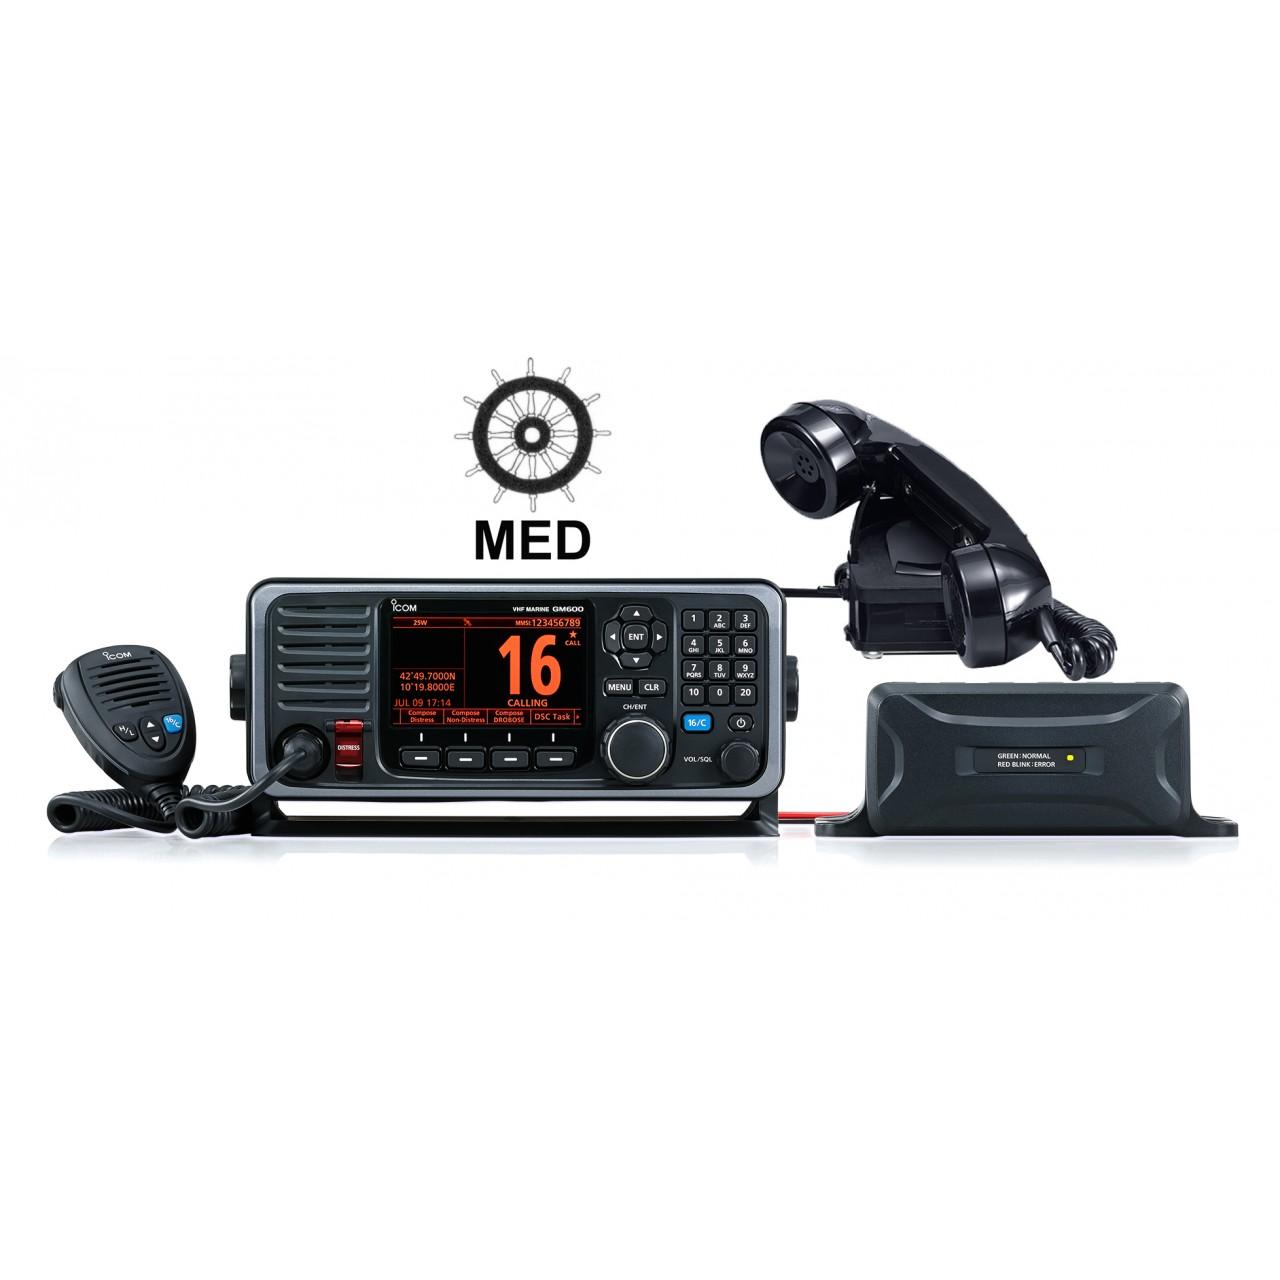 PACK-GM600 12V Fixes - ICOM